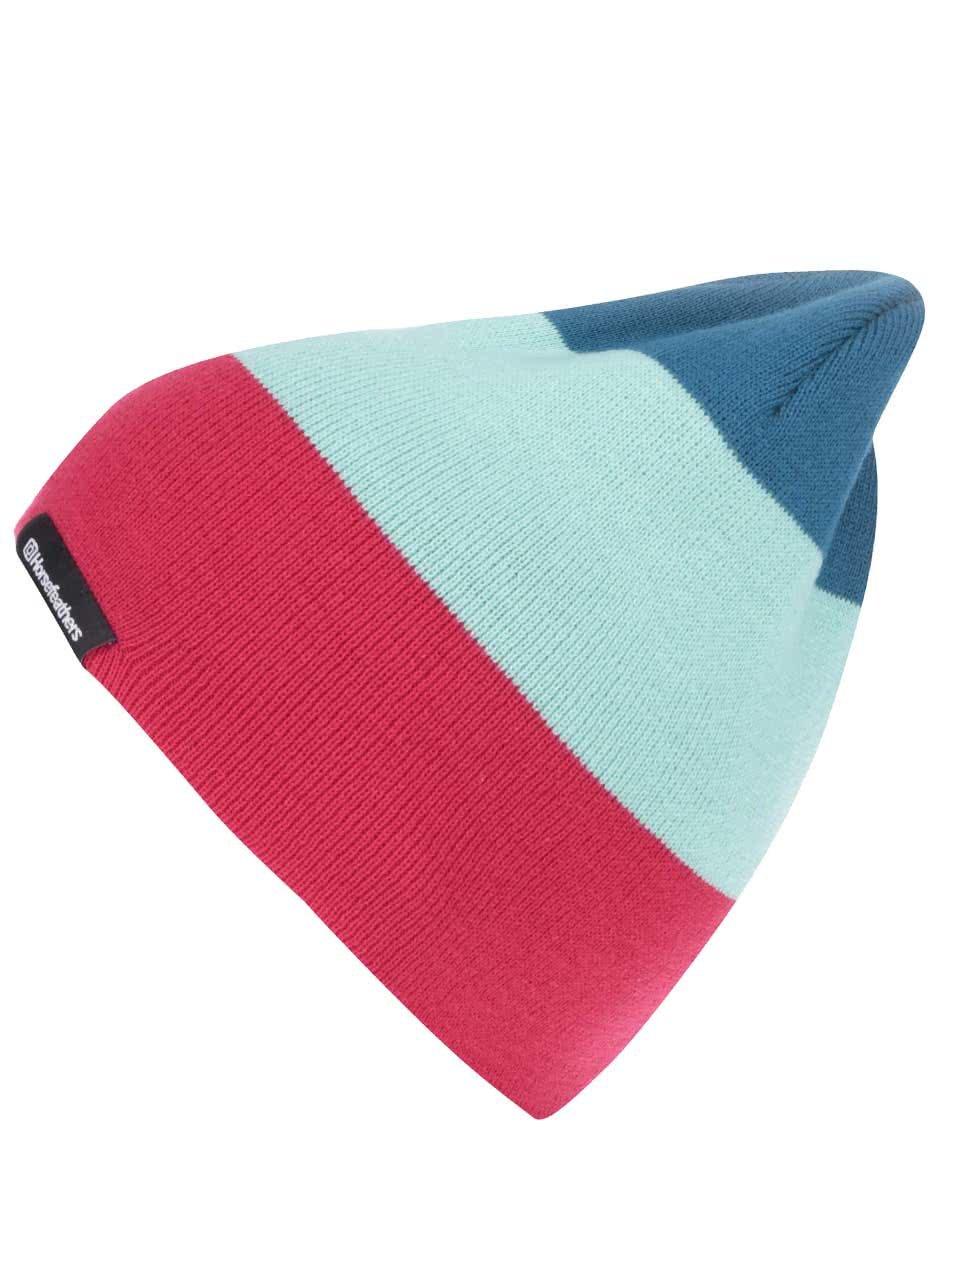 Růžovo-zelená dámská pruhovaná čepice Horsefeathers Flo